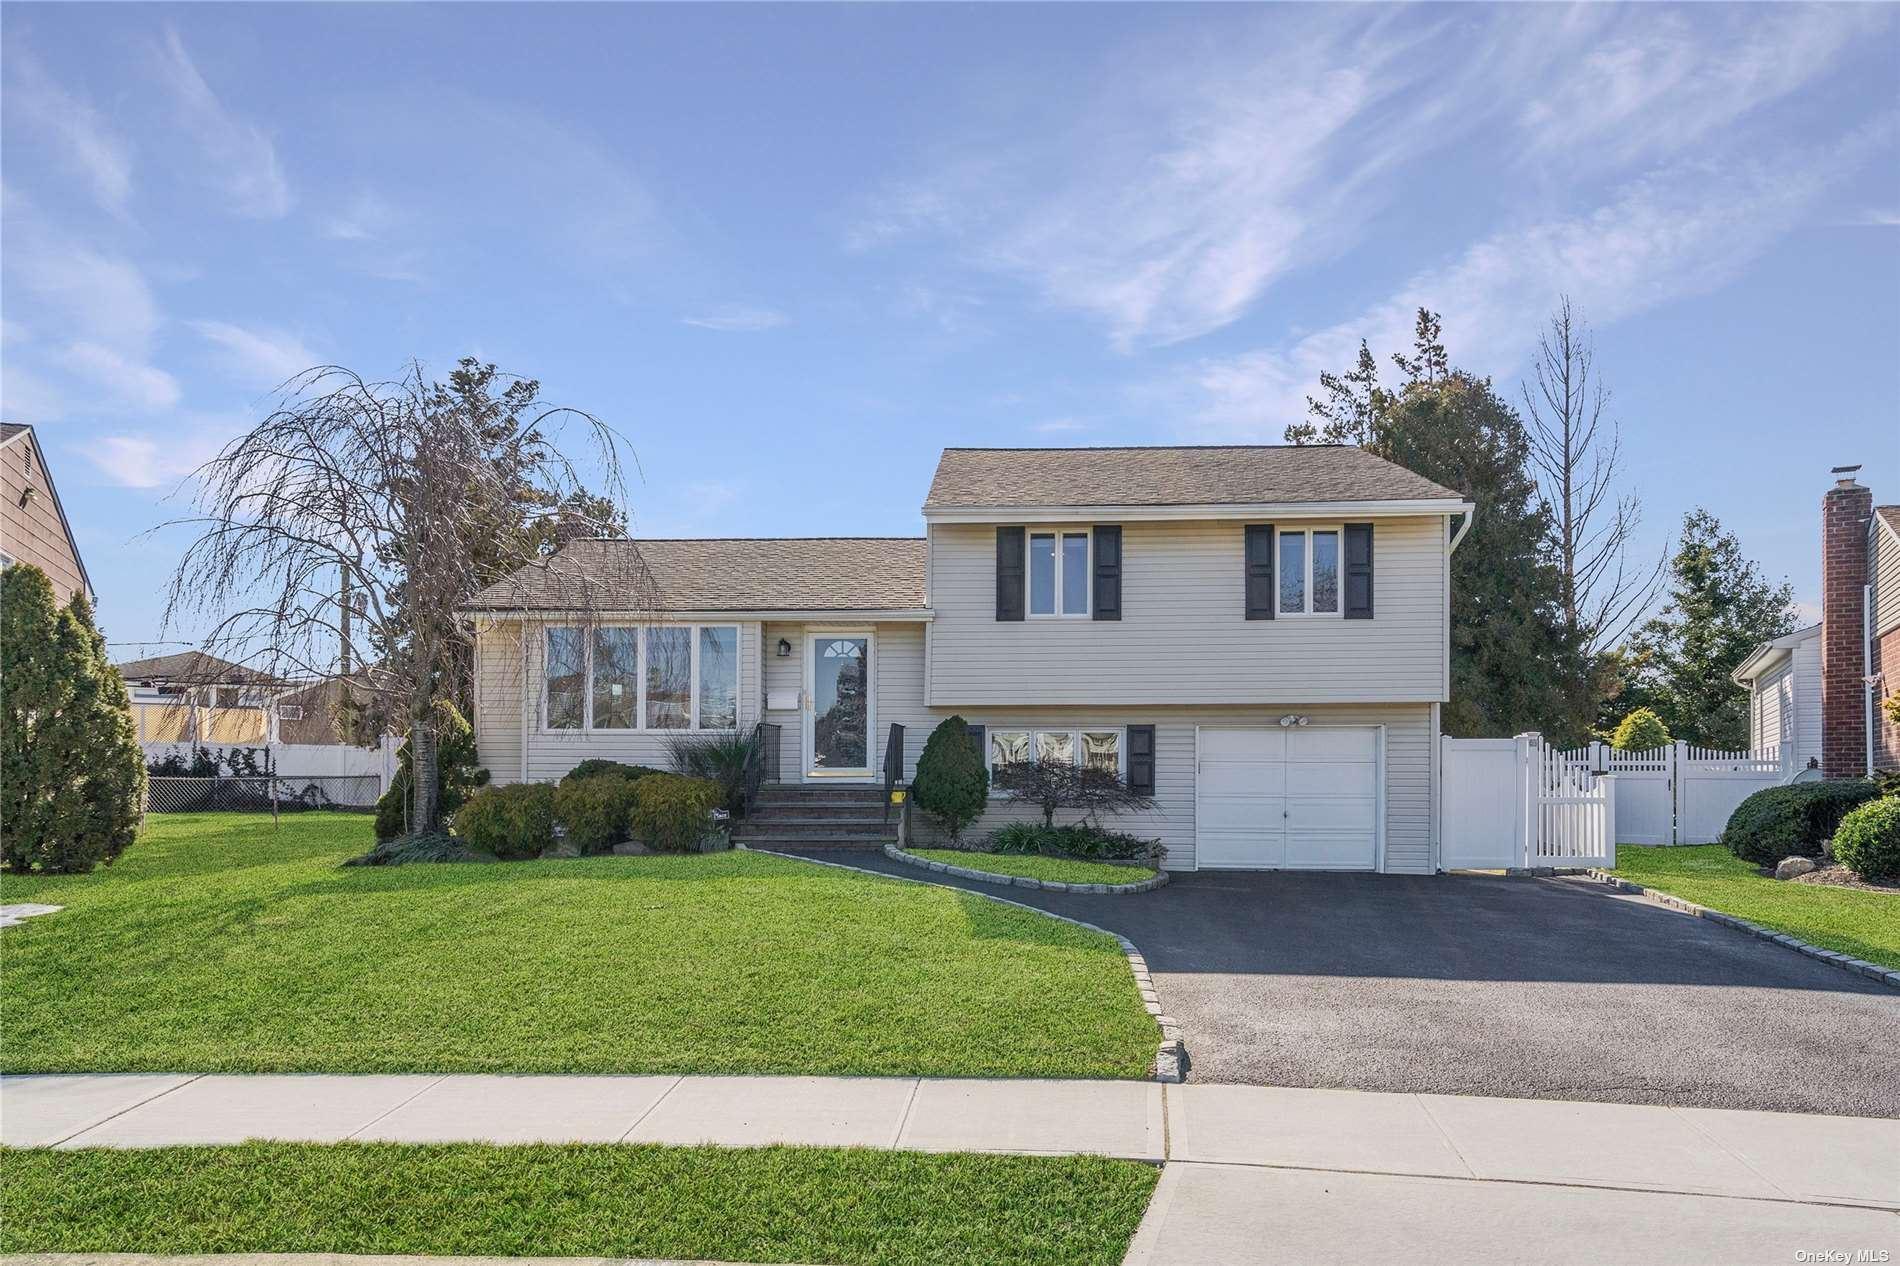 3942 David Place, Seaford, NY 11783 - MLS#: 3295657